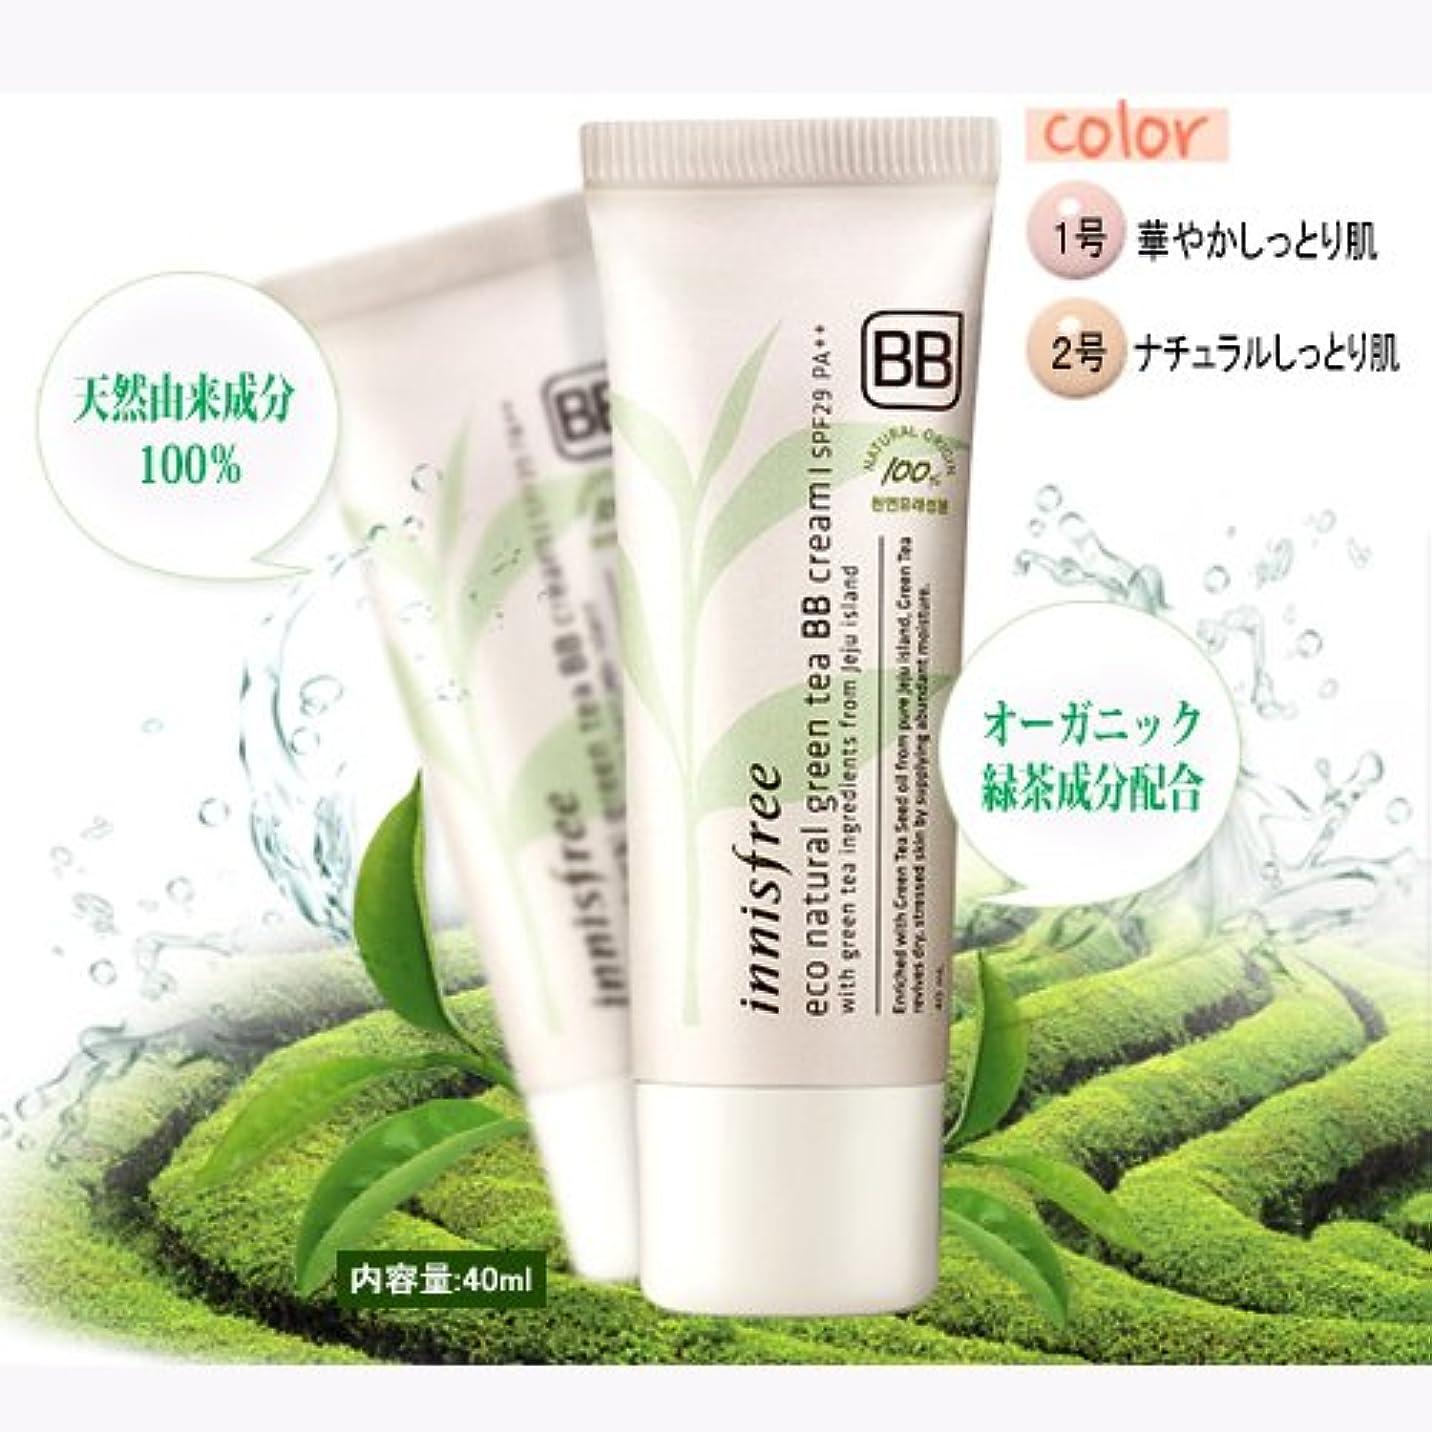 アニメーションファーザーファージュ文明化innisfree/イニスフリー Eco Natural Green Tea BB Cream #02/エコナチュラルグリーンティーBBクリームナチュラルなしっとりお肌 SPF29PA++40ml